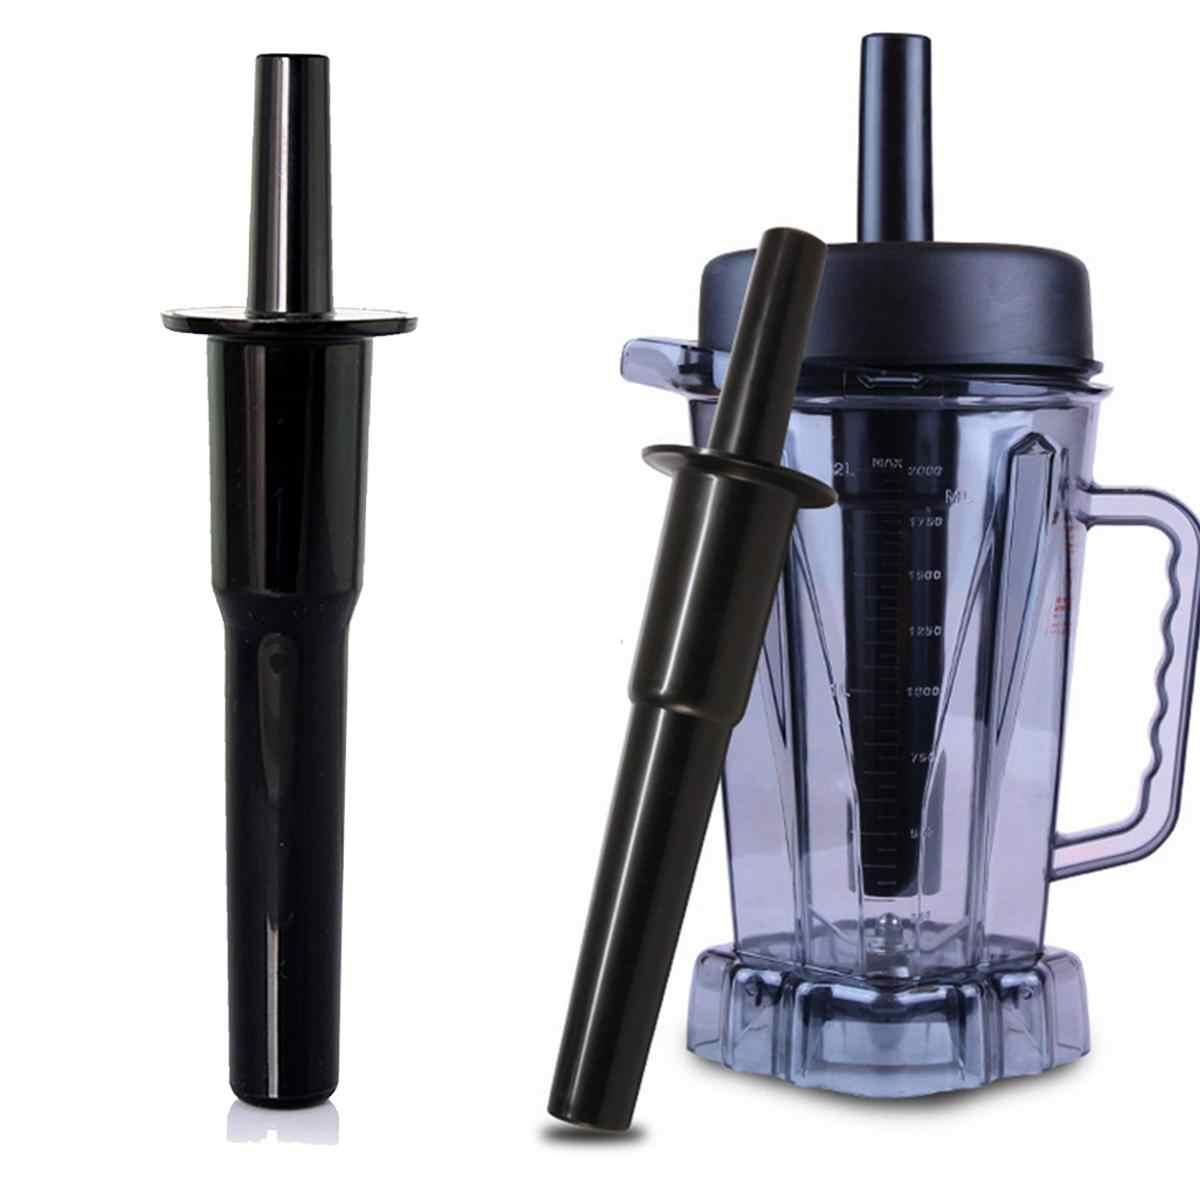 300x32mm Liquidificador/Bastão de Plástico Adulteração Adulteração Do Acelerador Acelerador Parte Substituição Para Vitamix Mixer Êmbolo Frete Grátis